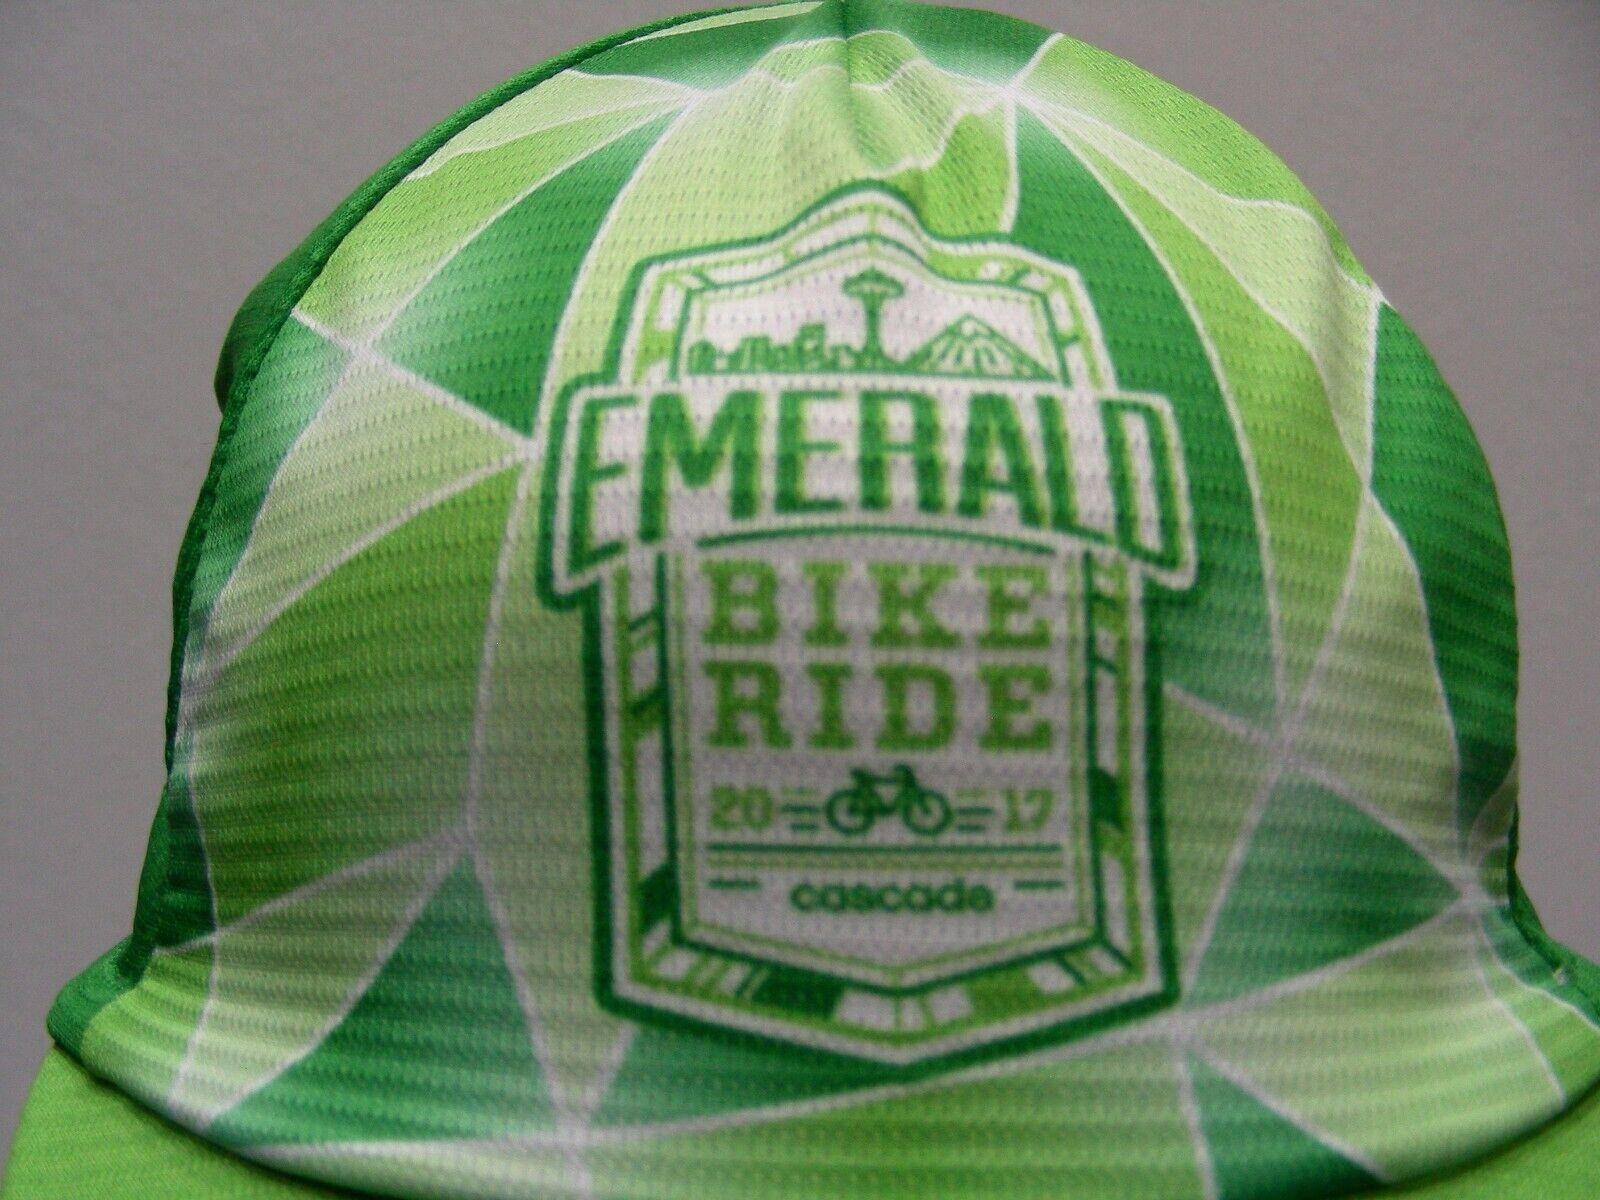 Verde Esmeralda Bicicleta Bicicleta Bicicleta Paseo 2017 - Cascada - Juvenil Talla Ajustado Ciclismo 97d28a